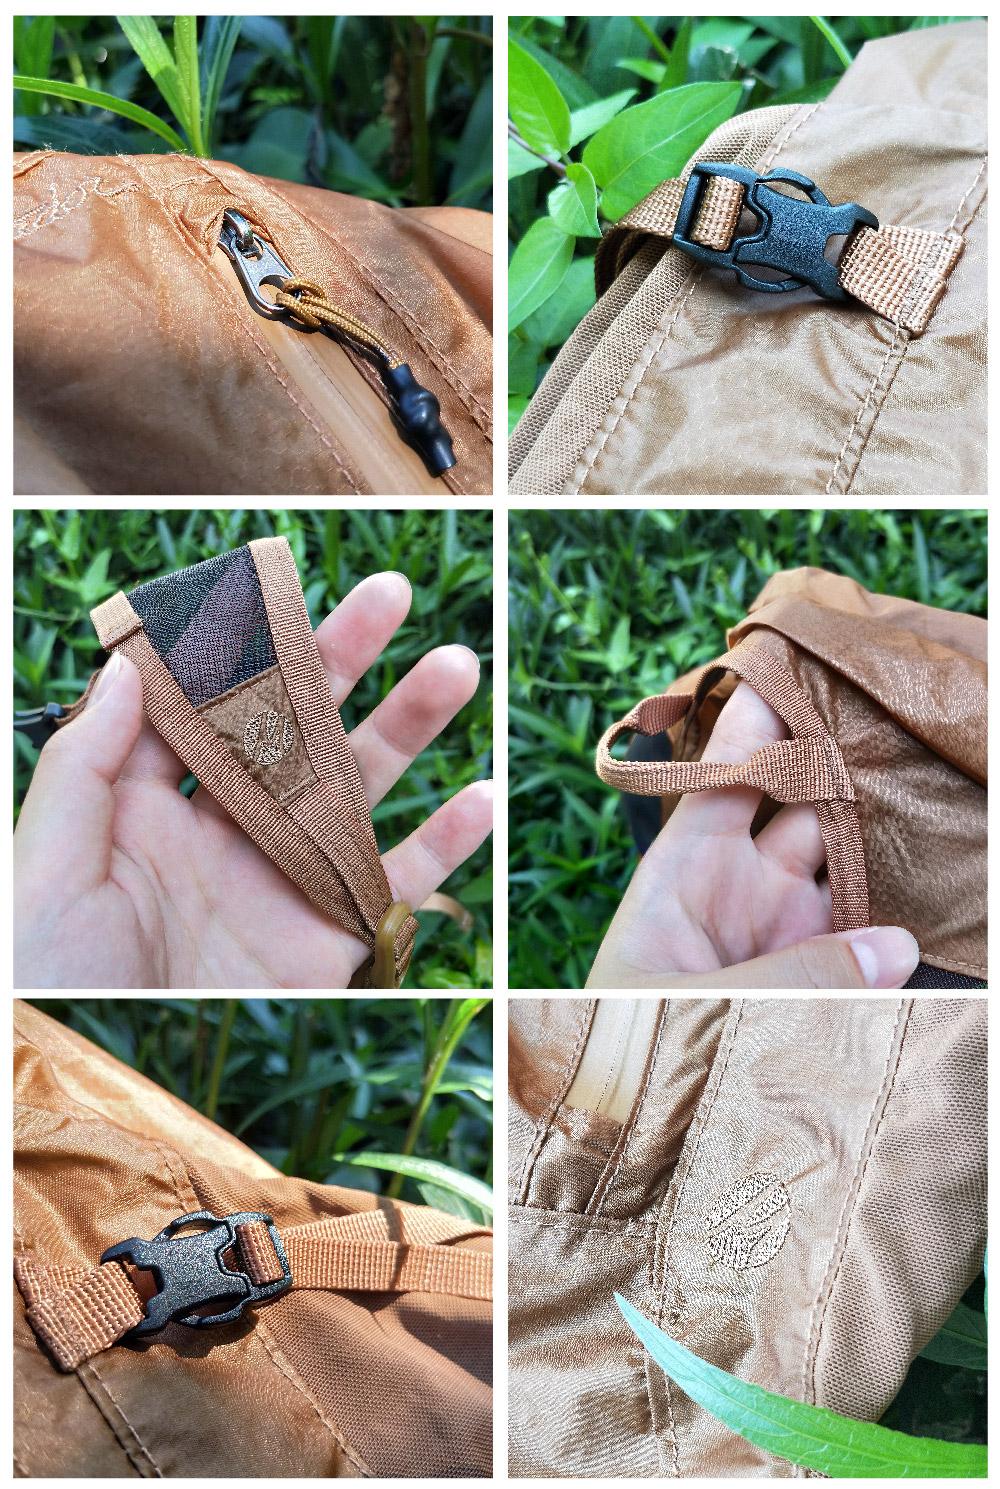 防水拉鍊 / 加固扣件/包包頂部也有手把可以手提/超透氣網型背帶設計